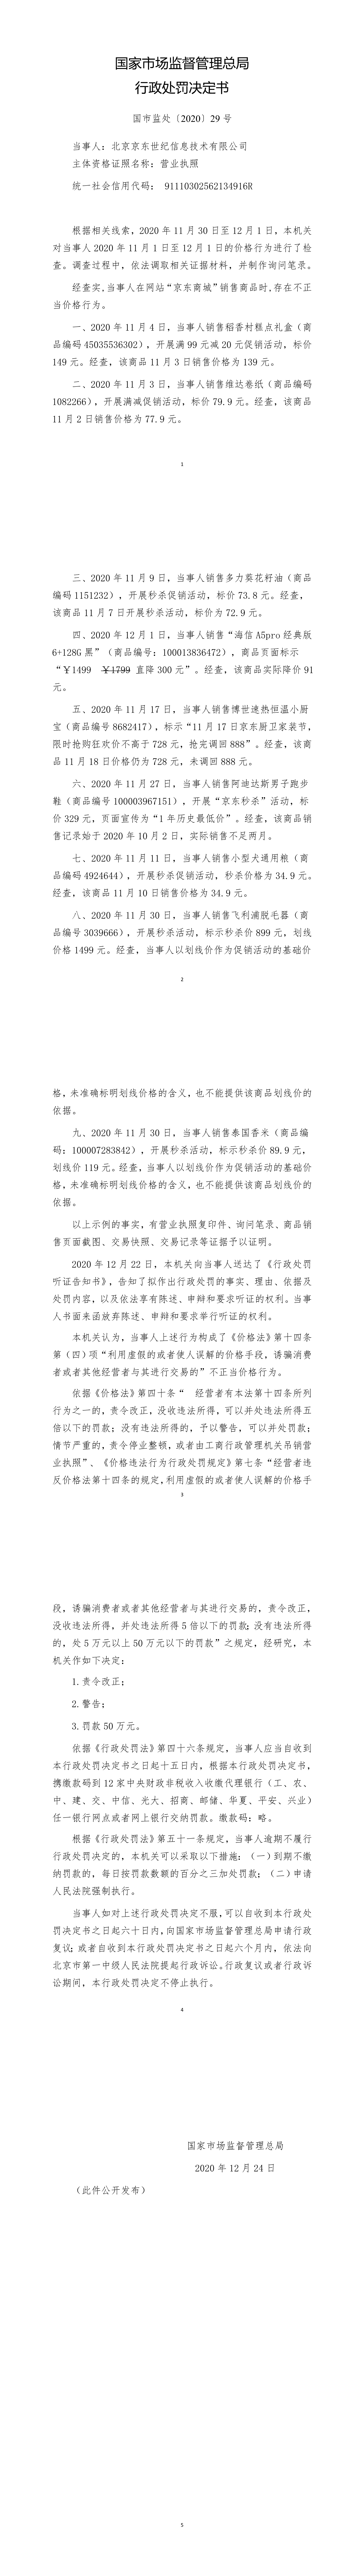 先涨价后促销及虚假促销 国家市监总局对天猫/京东/唯品会罚款50万元